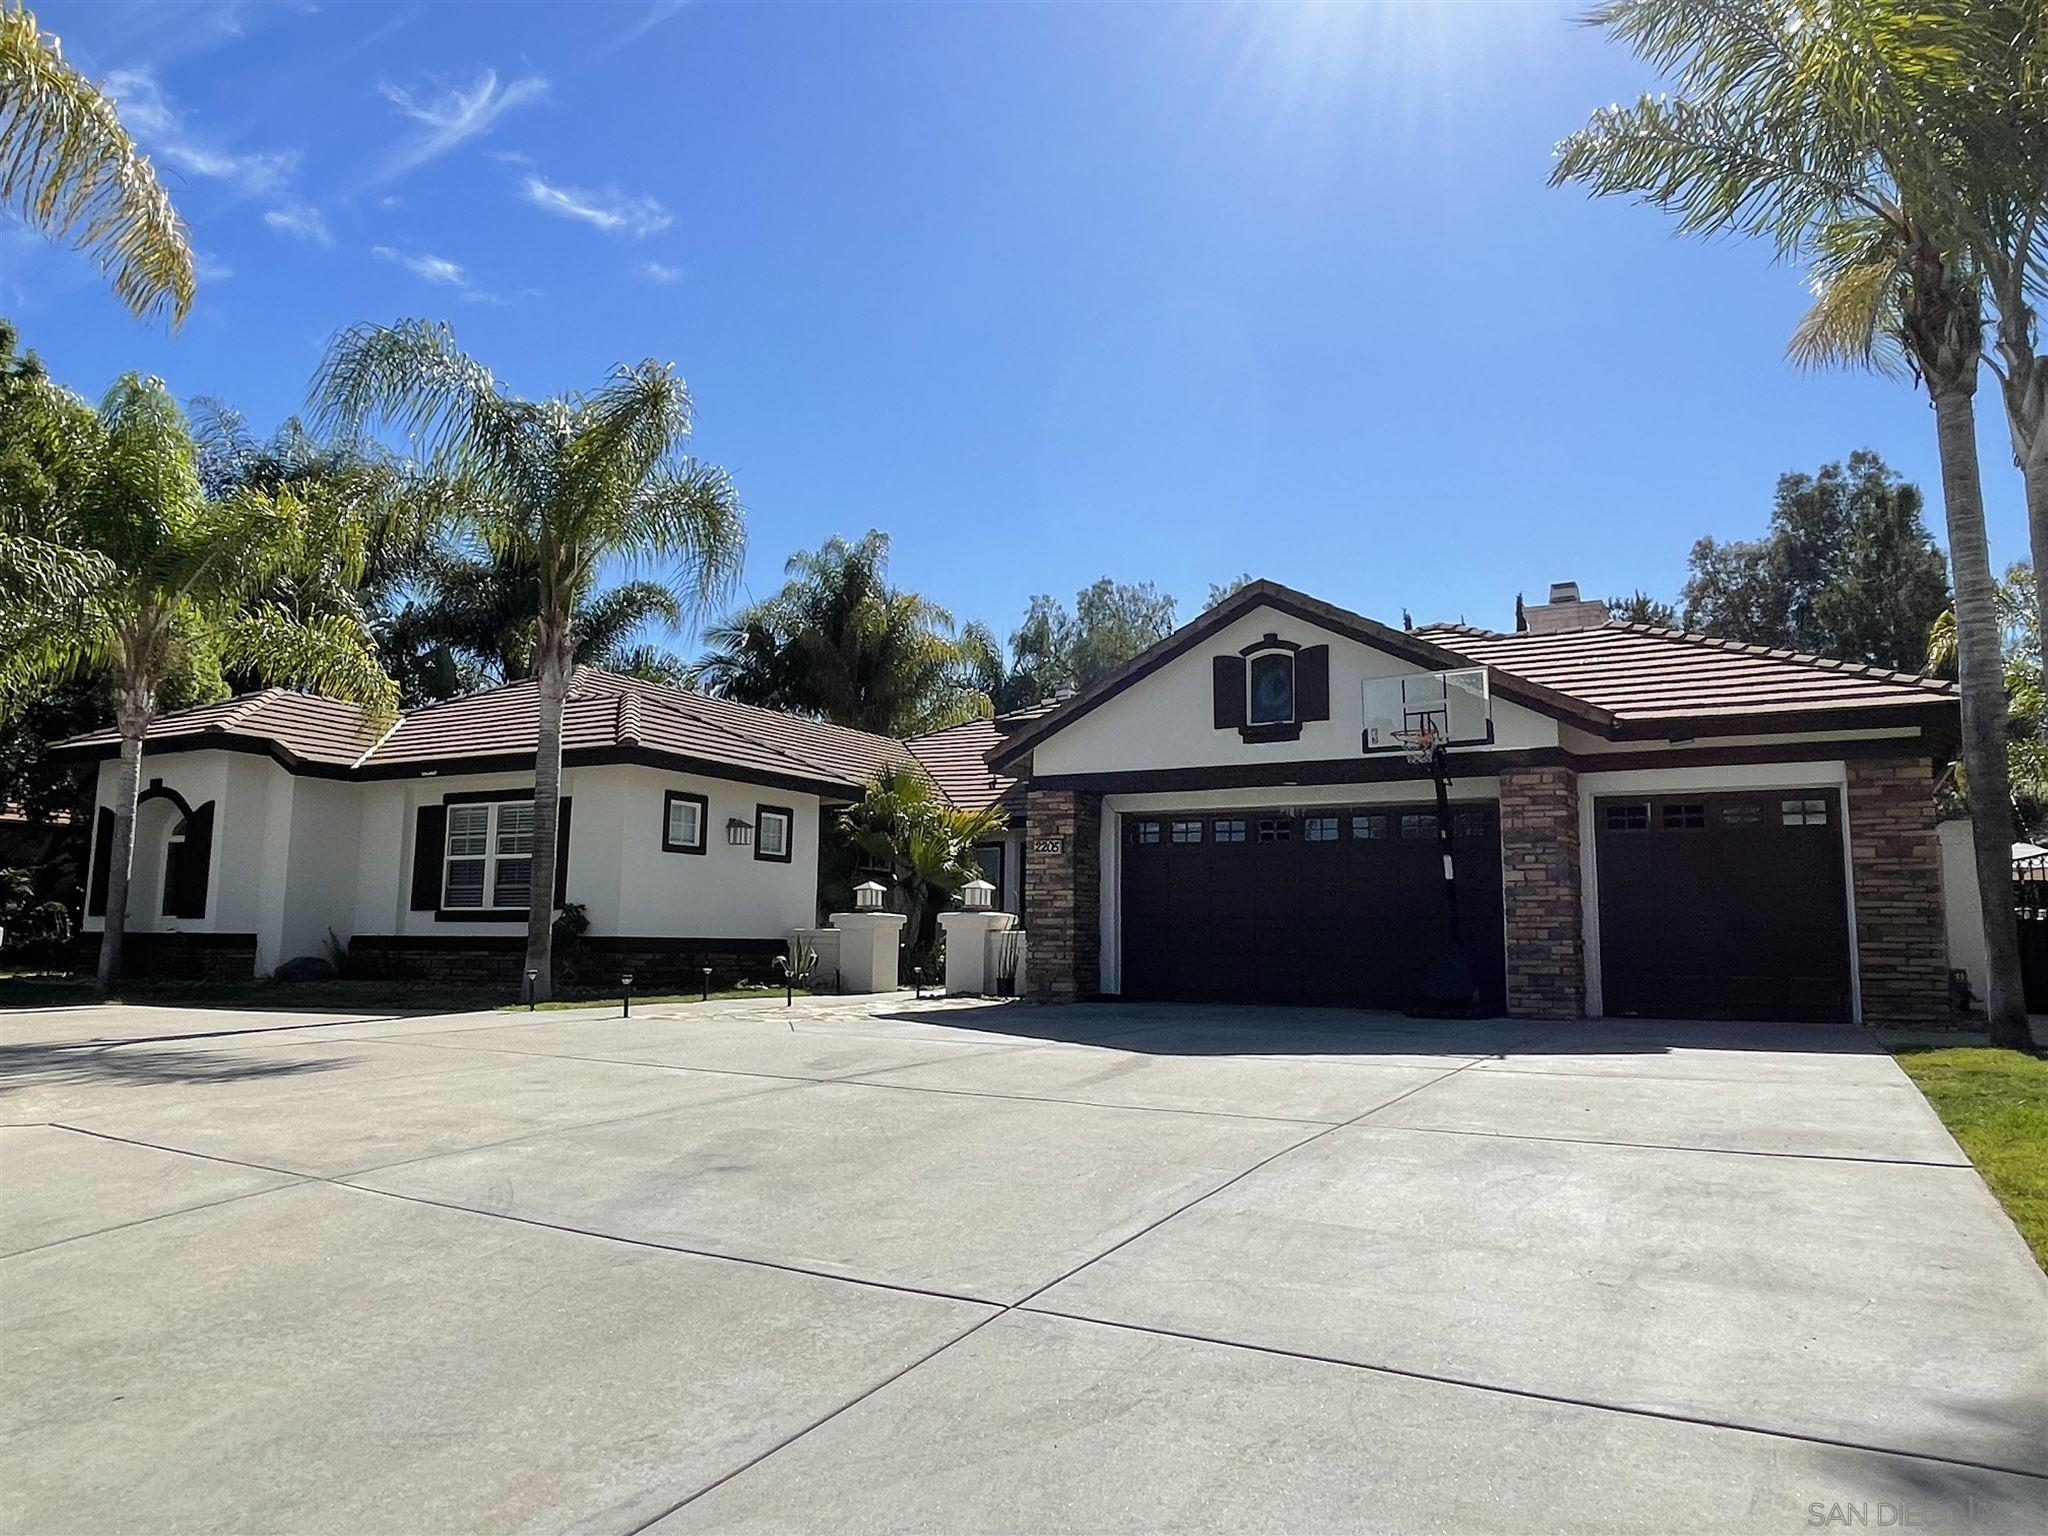 Photo of 2205 Eucalyptus Ave, Escondido, CA 92029